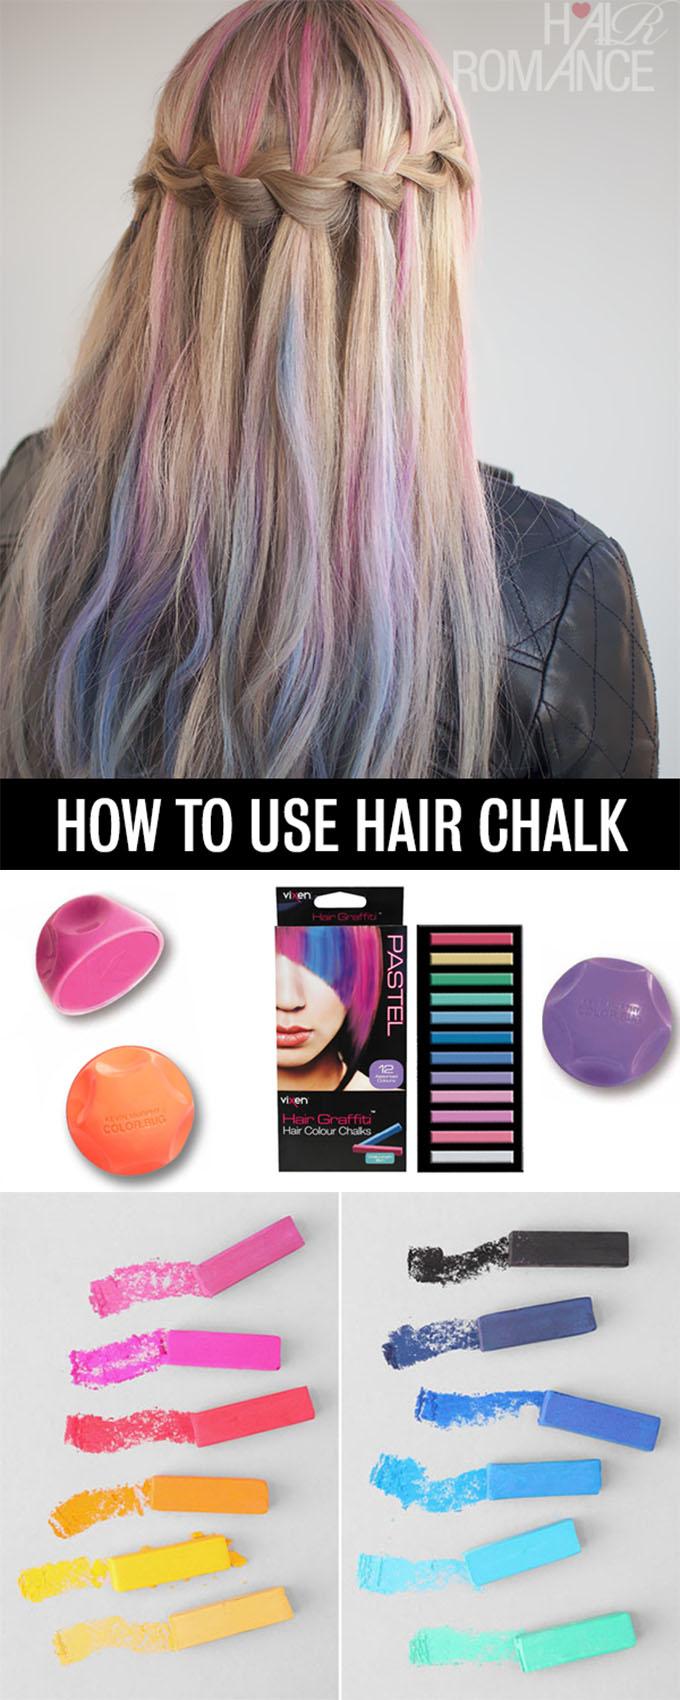 Hair Romance halloween hair - How to use hair chalk